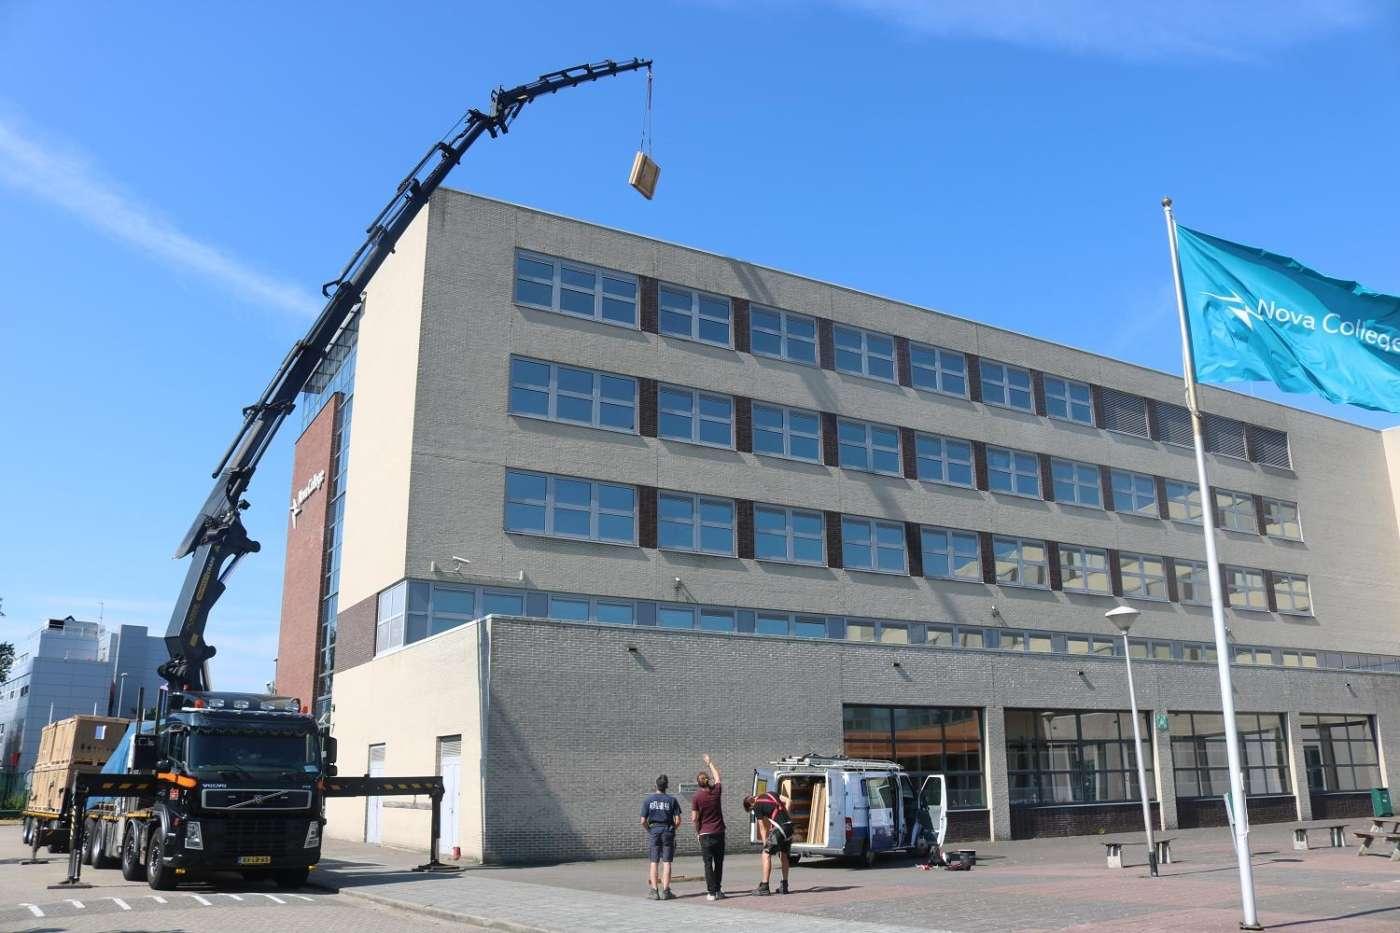 Zonnepanelen op Nova College Haarlem